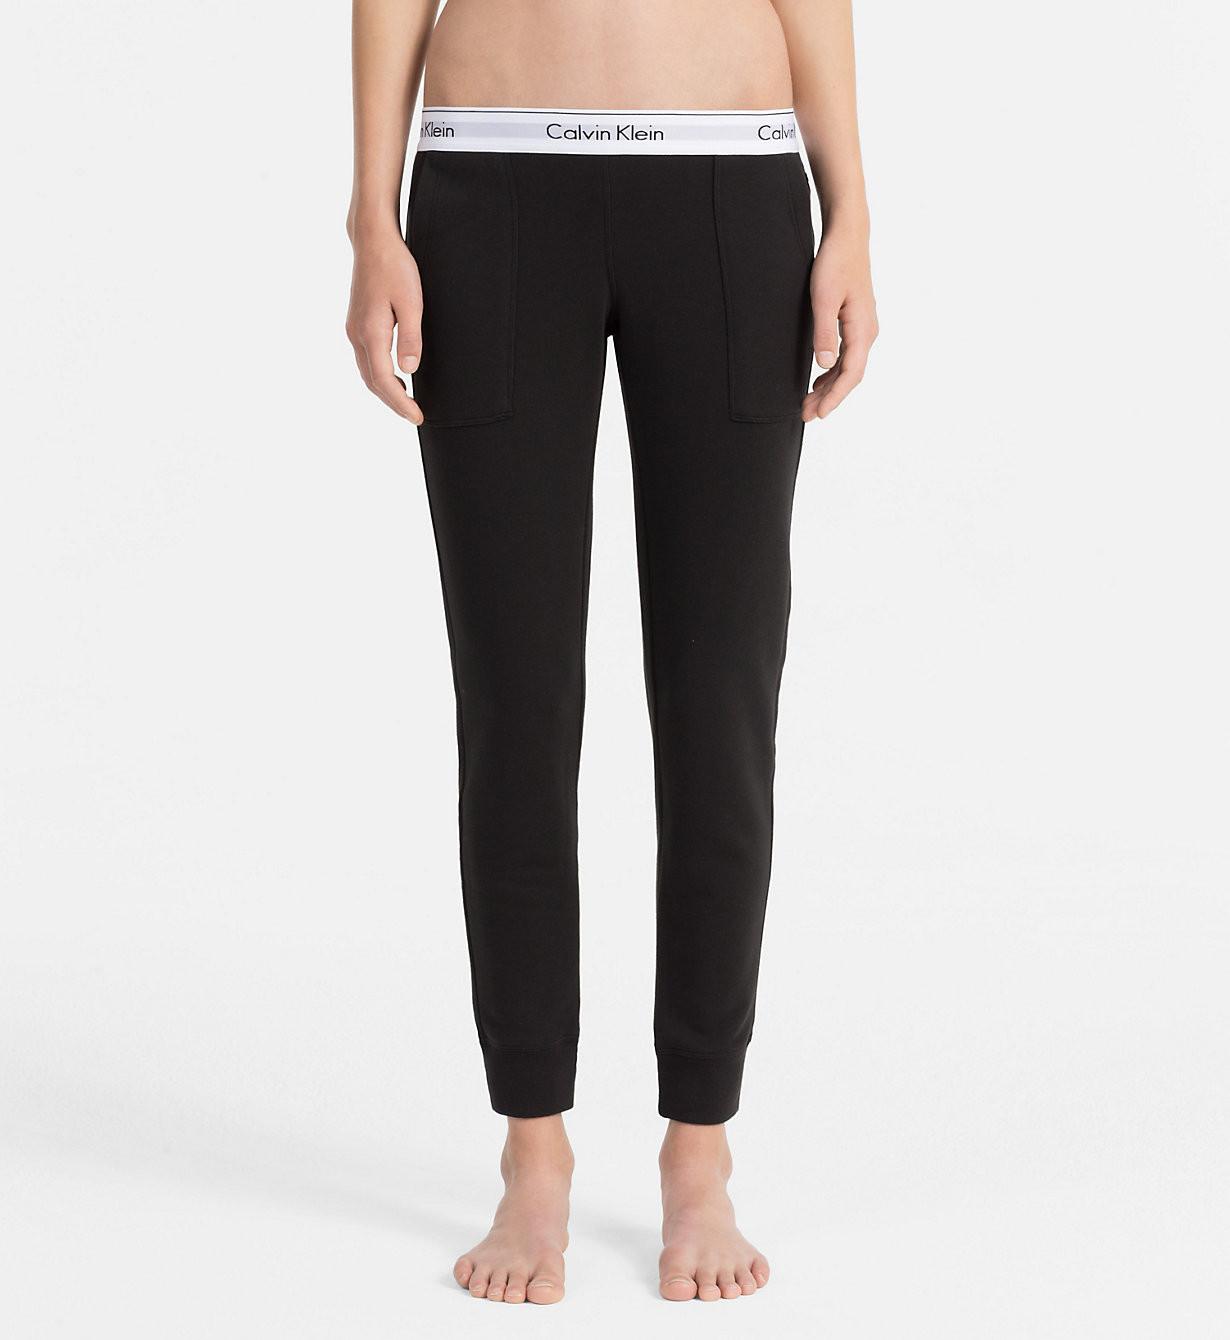 Dámské tepláky QS5716E-001 černá - Calvin Klein černá M